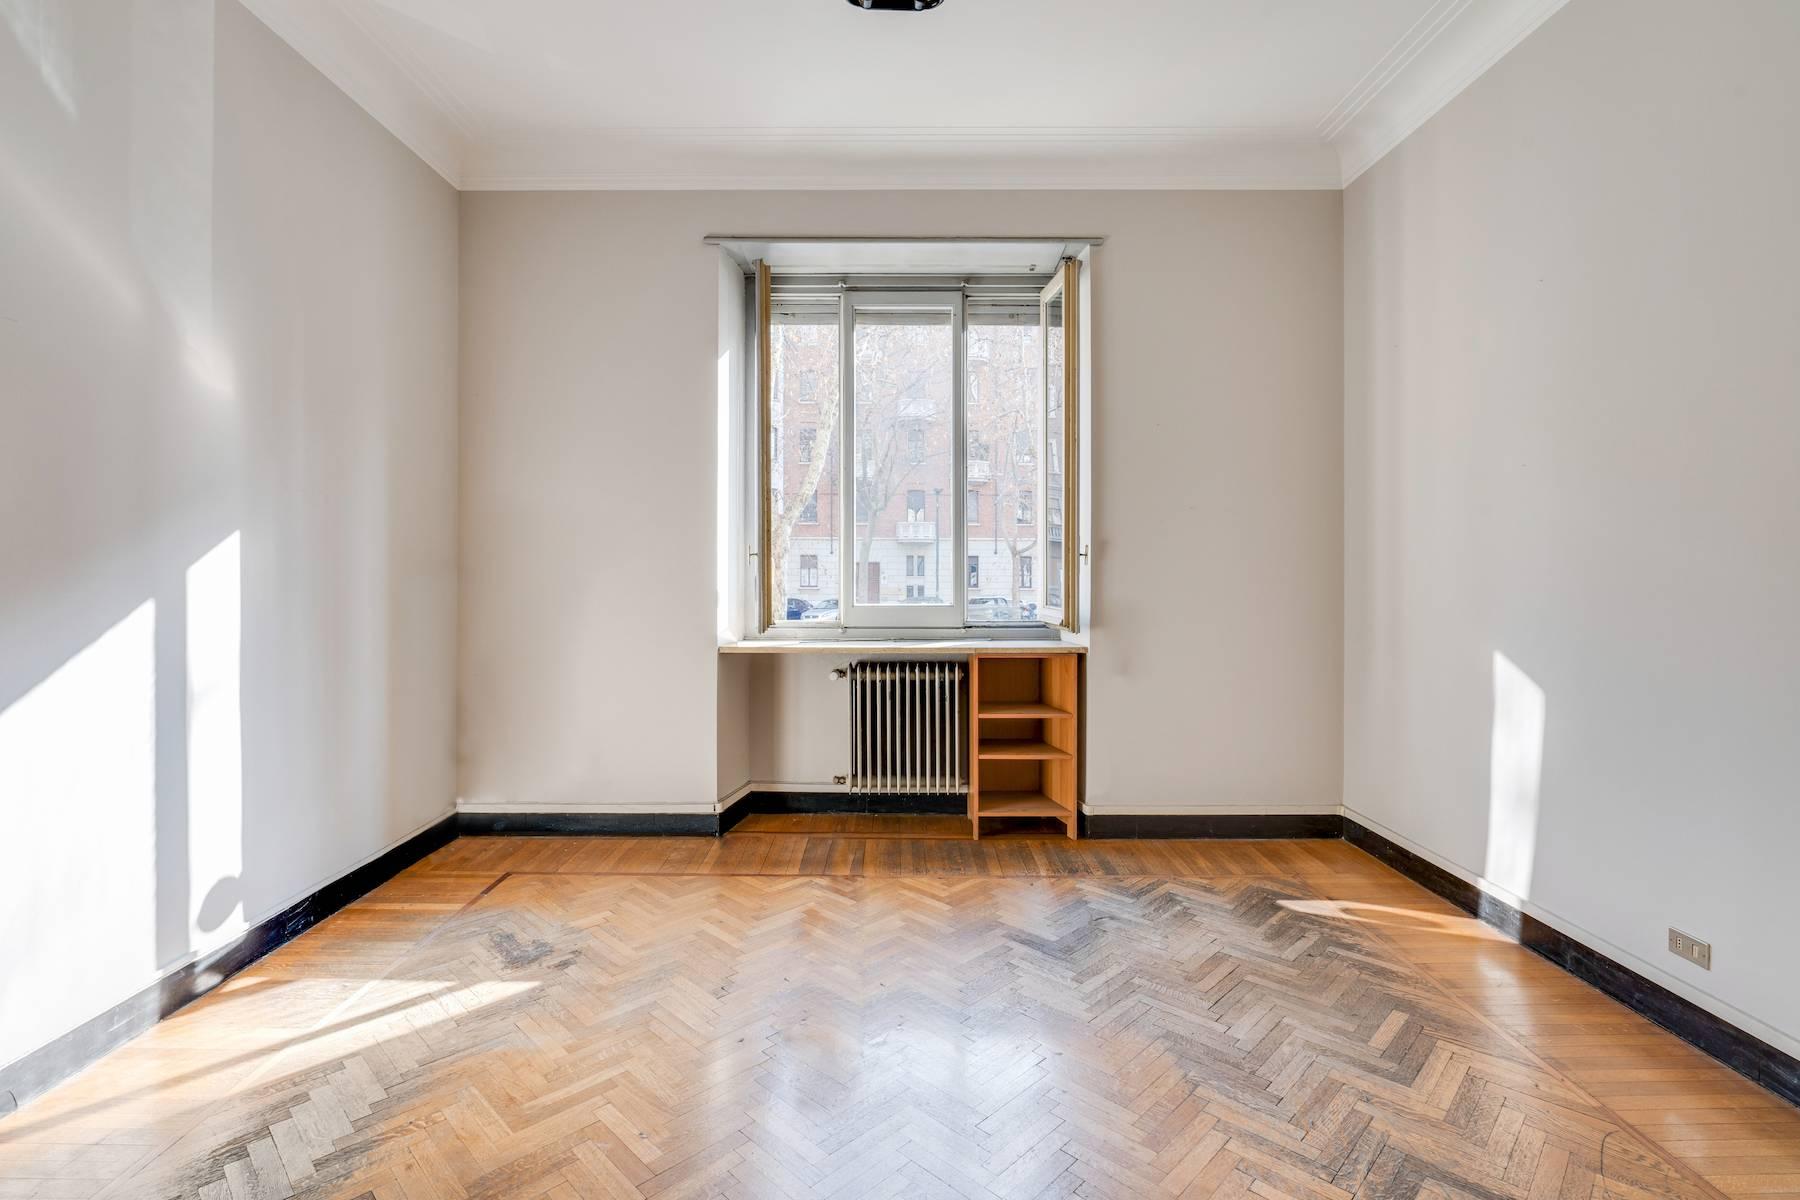 Ufficio-studio in Vendita a Torino: 3 locali, 140 mq - Foto 2